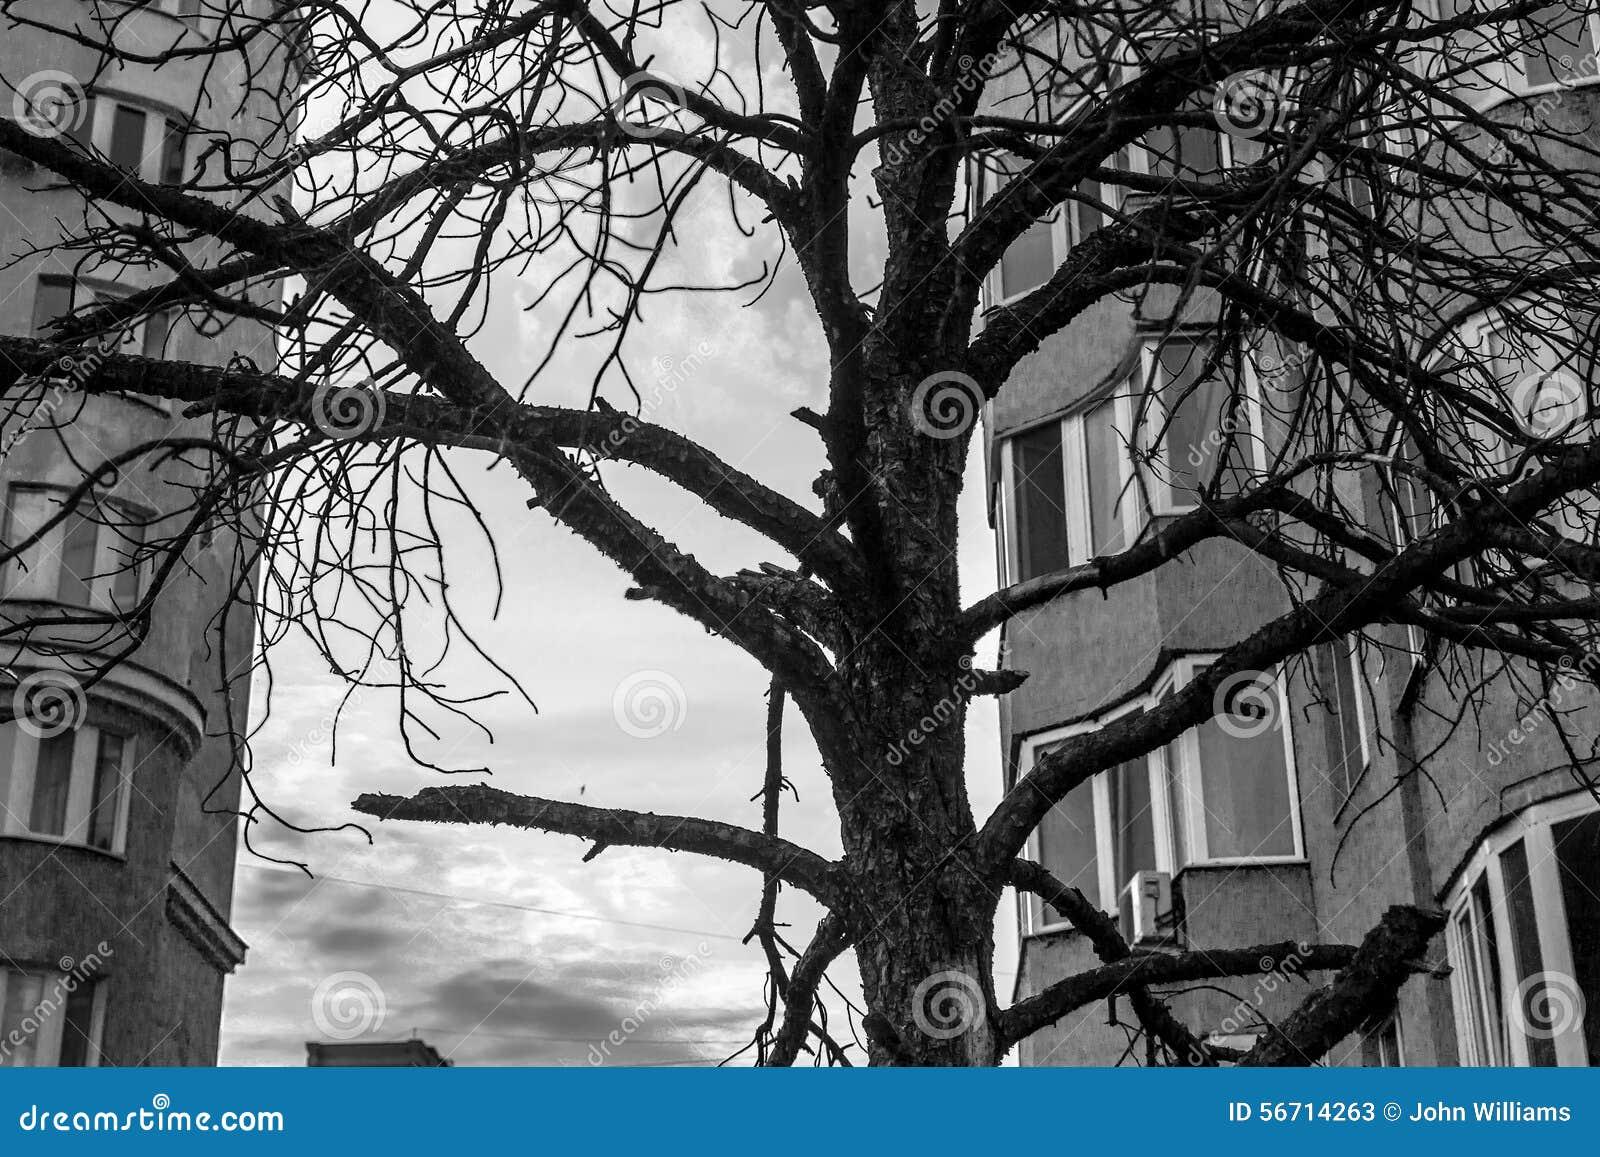 schwarzer toter baum und wohnbl cke stockfoto bild 56714263. Black Bedroom Furniture Sets. Home Design Ideas